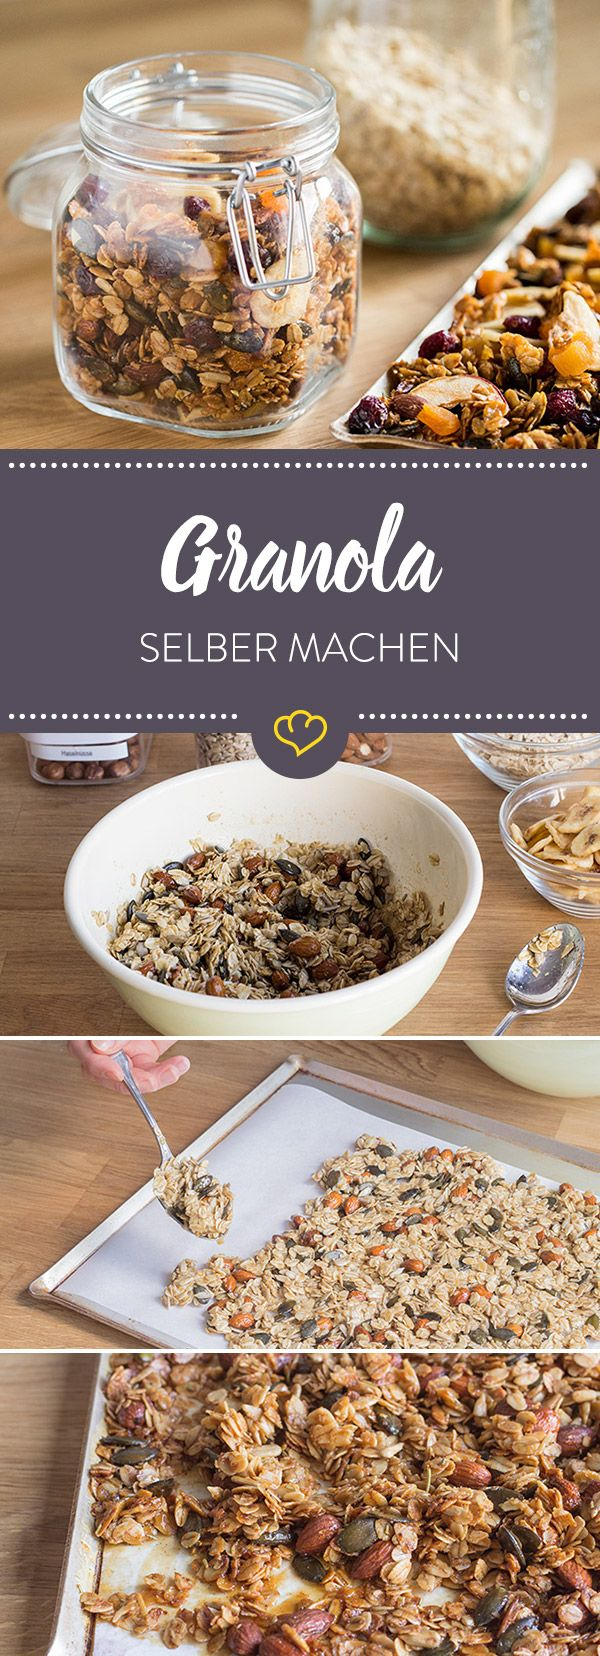 Photo of Granola selber machen